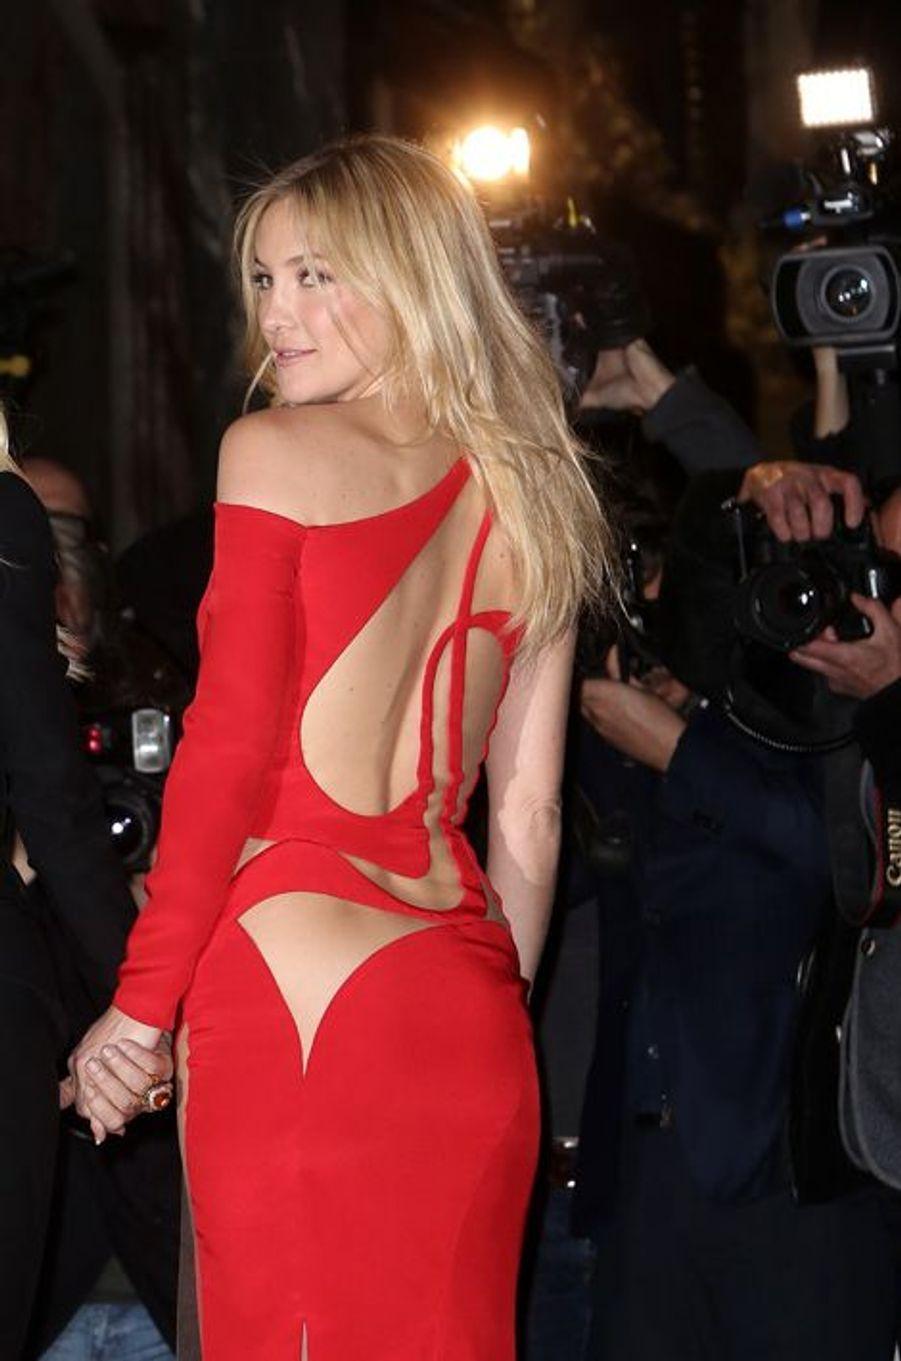 Habituée des tapis-rouges, Kate Hudson prend la pose avant le défilé Versace Couture